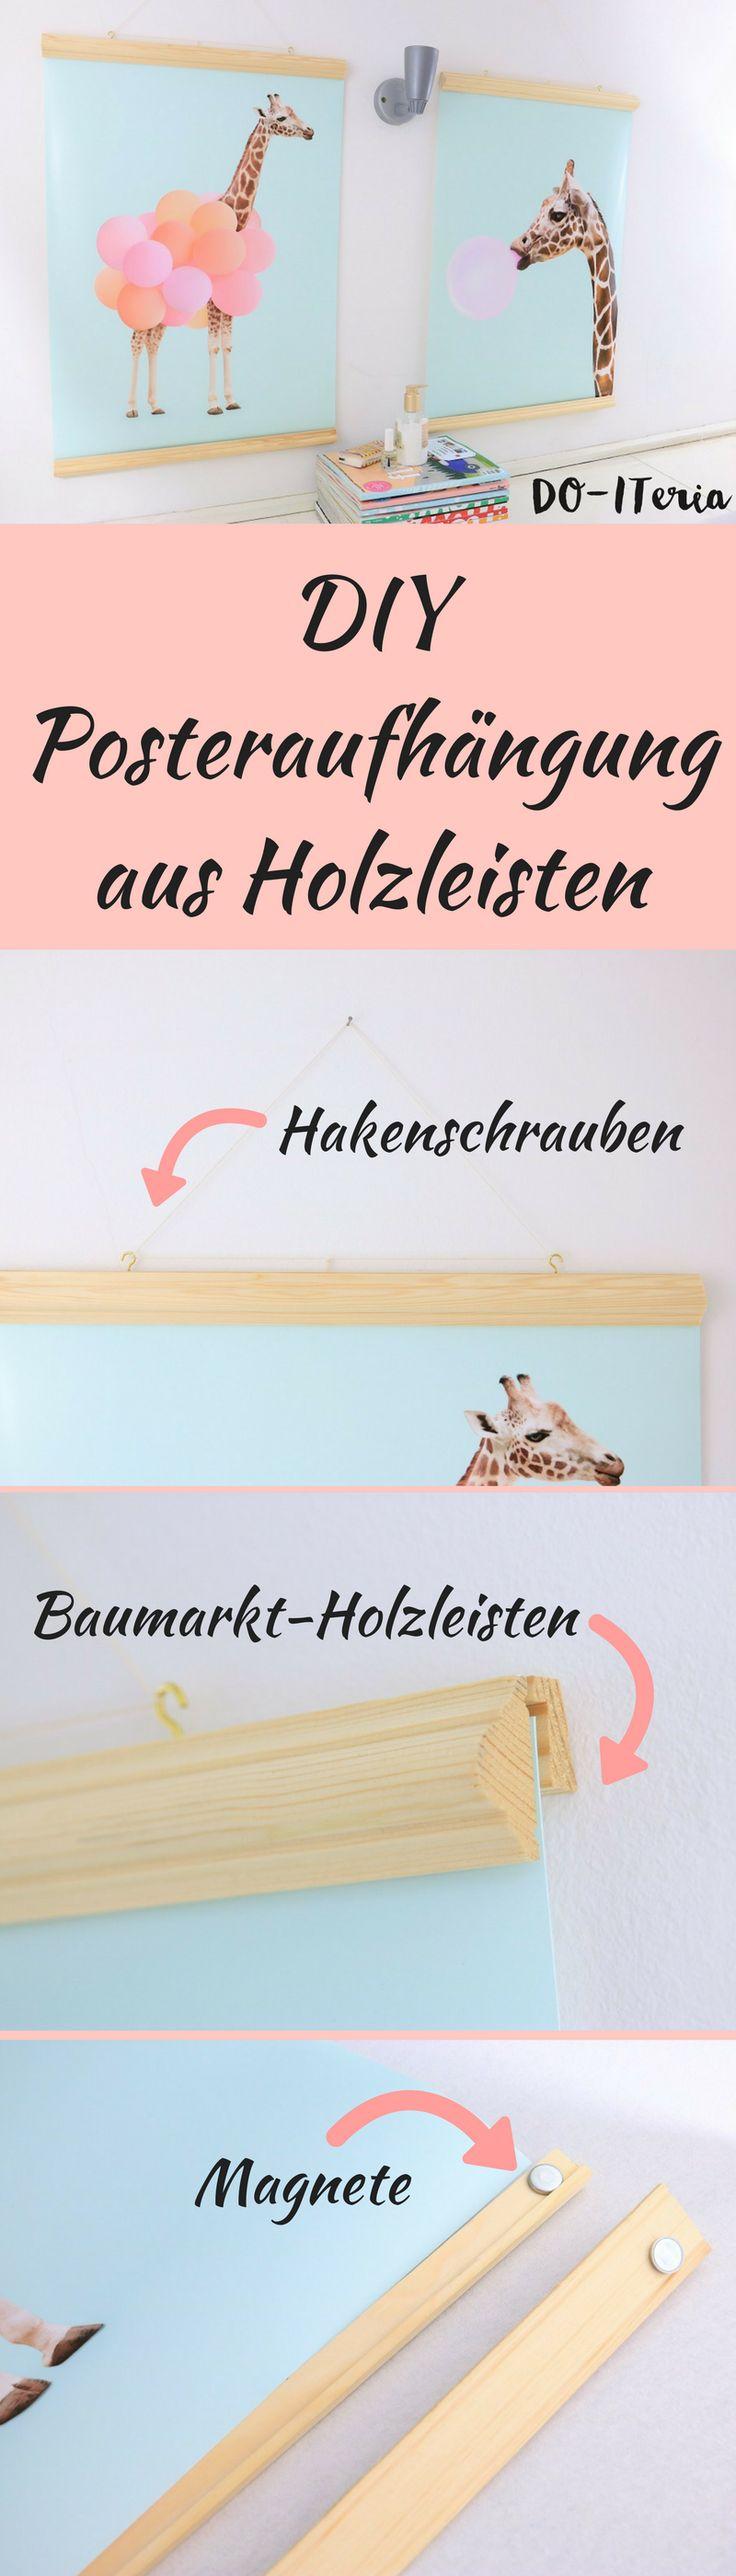 So eine Posteraufhängung aus Holzleisten ist super einfach uns schnell gemacht. Probier es selbst aus.